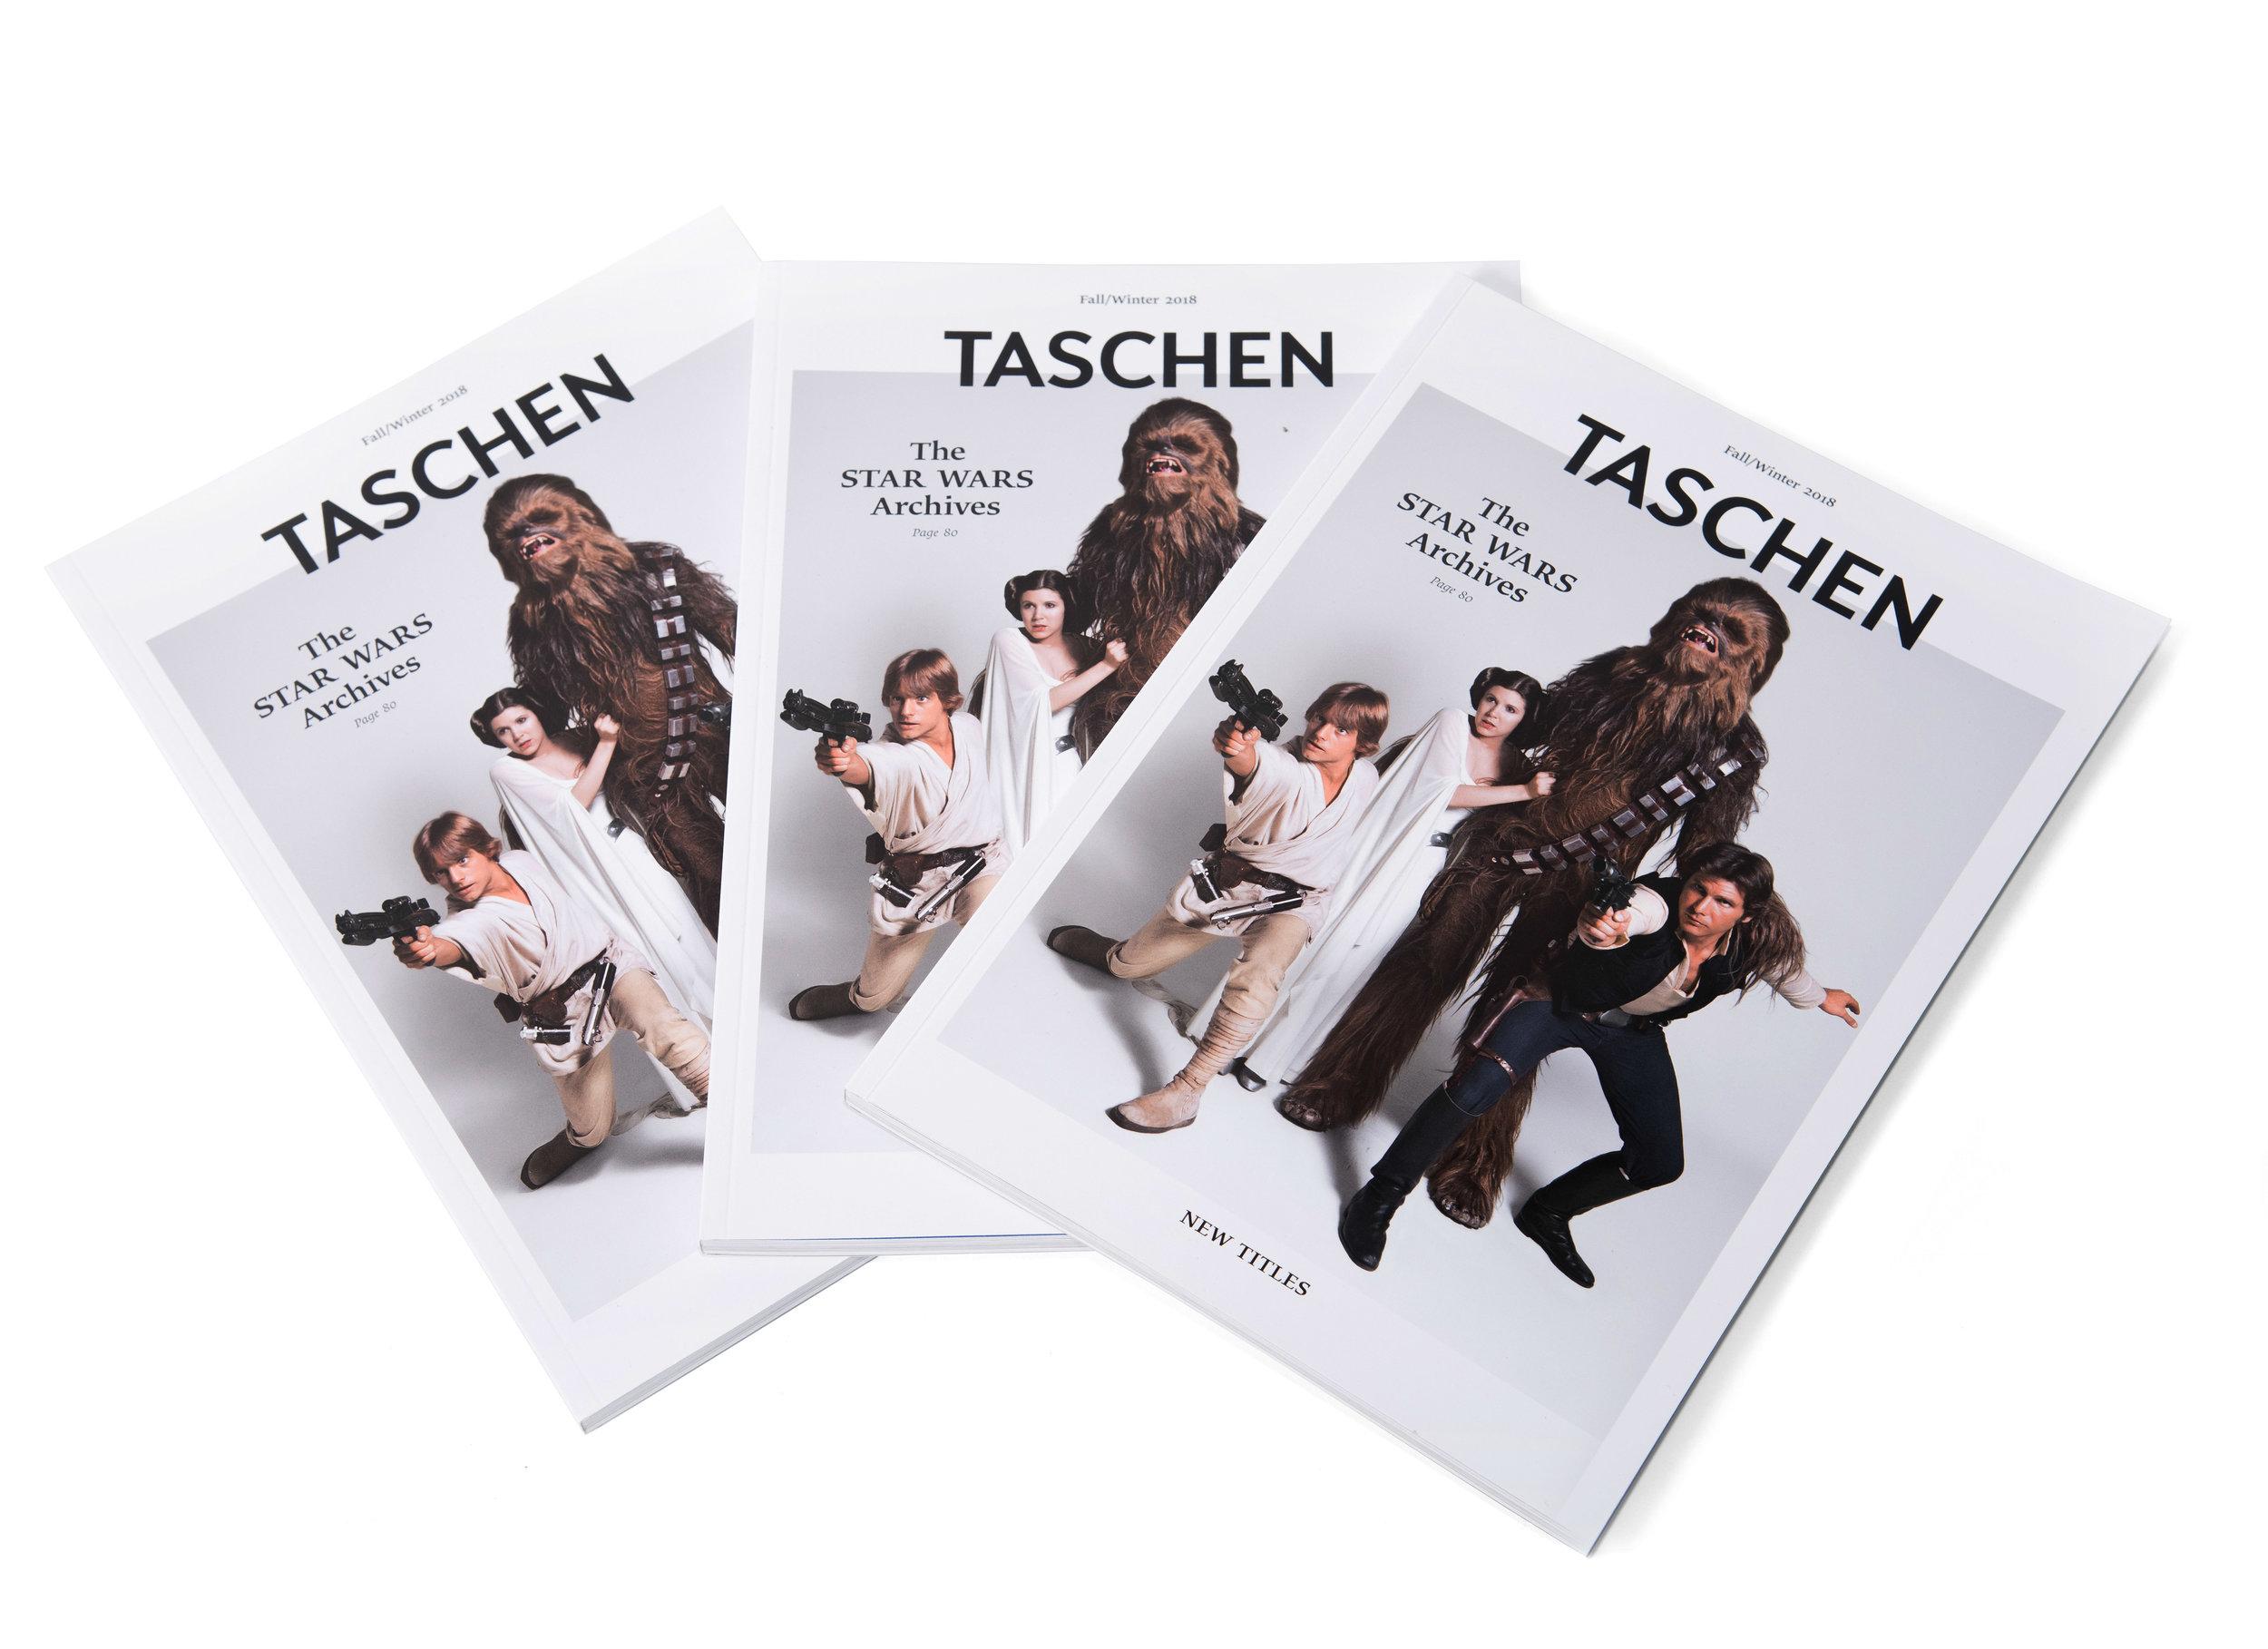 Taschen_Magazine.jpg